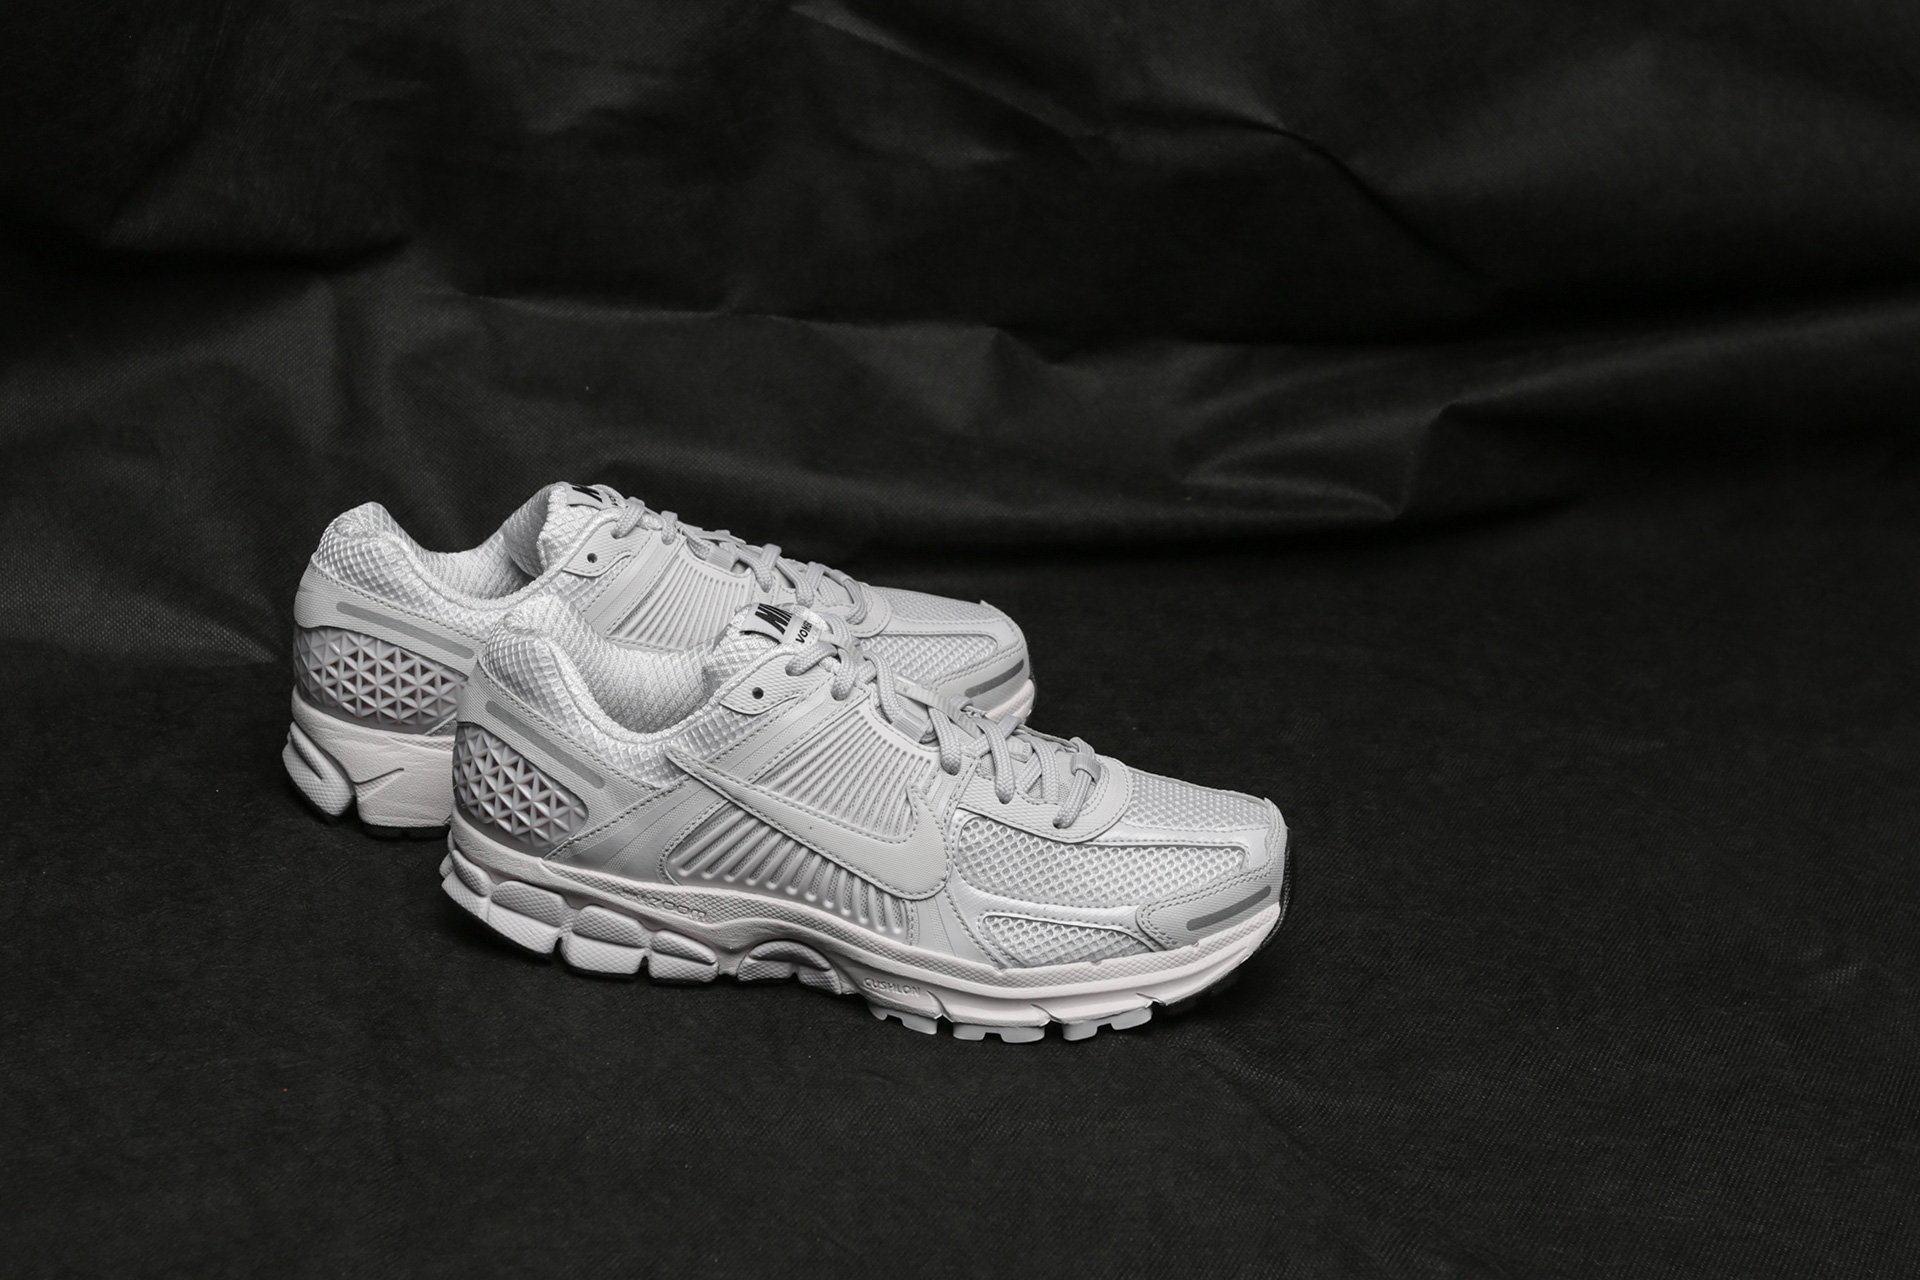 official photos 8271f da0b9 Купить мужские серые кроссовки Nike Zoom Vomero 5 SP